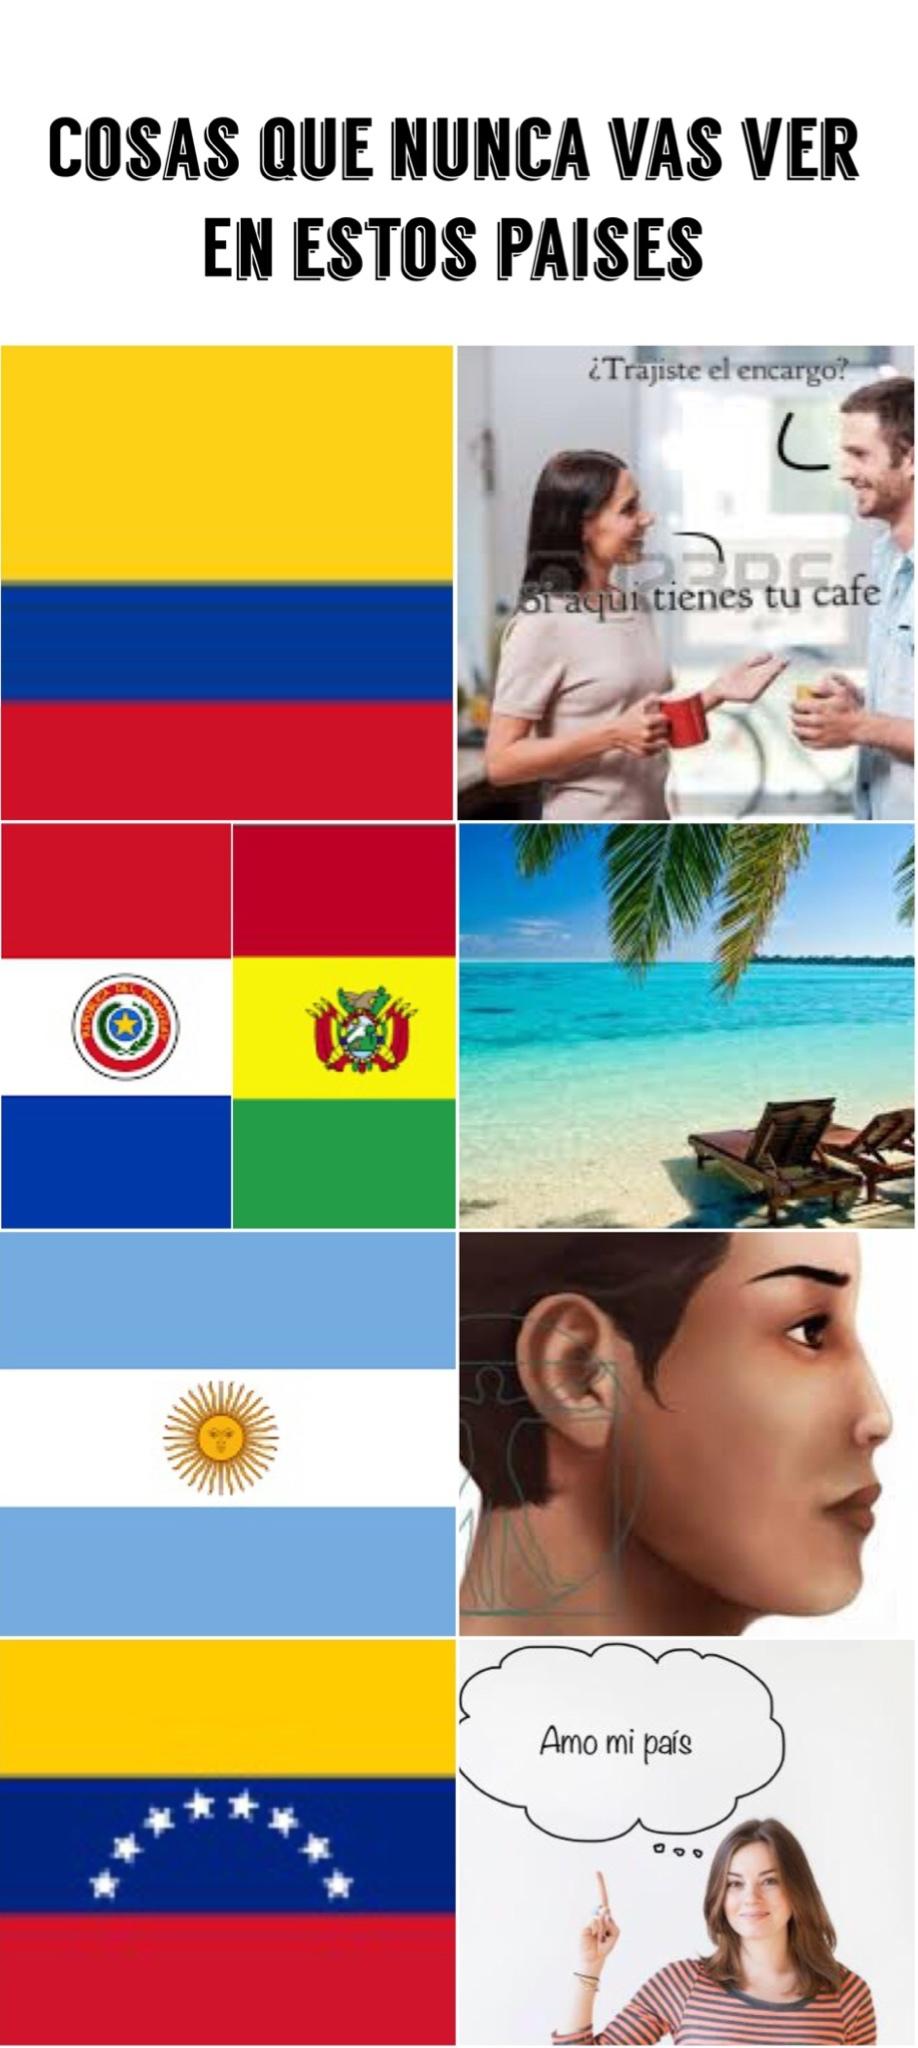 Cosas que nunca vas ver en estos paises :v - meme